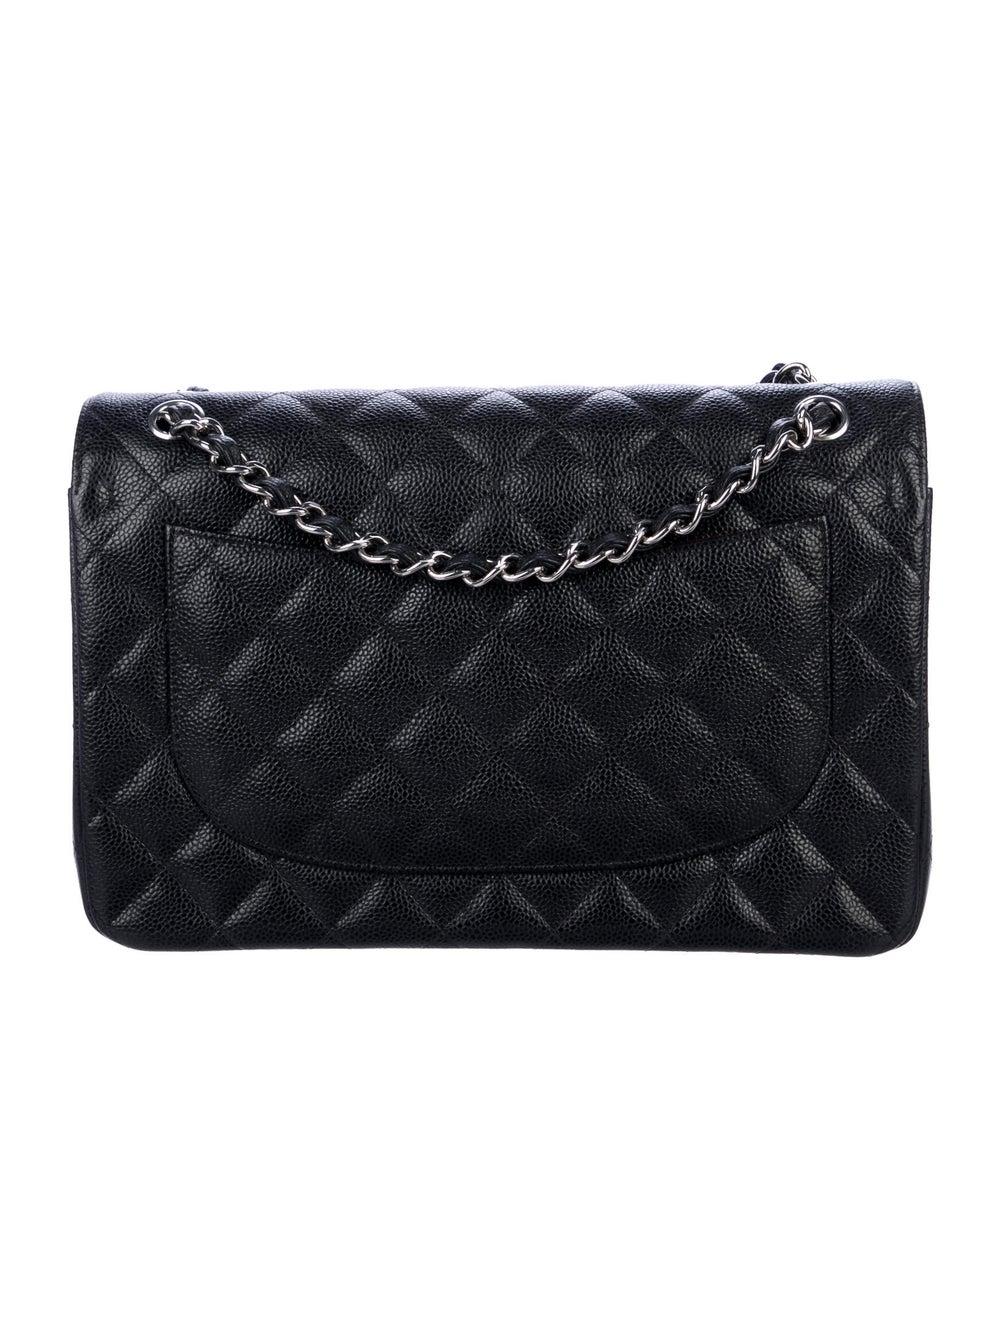 Chanel 2019 Classic Jumbo Double Flap Bag Black - image 4